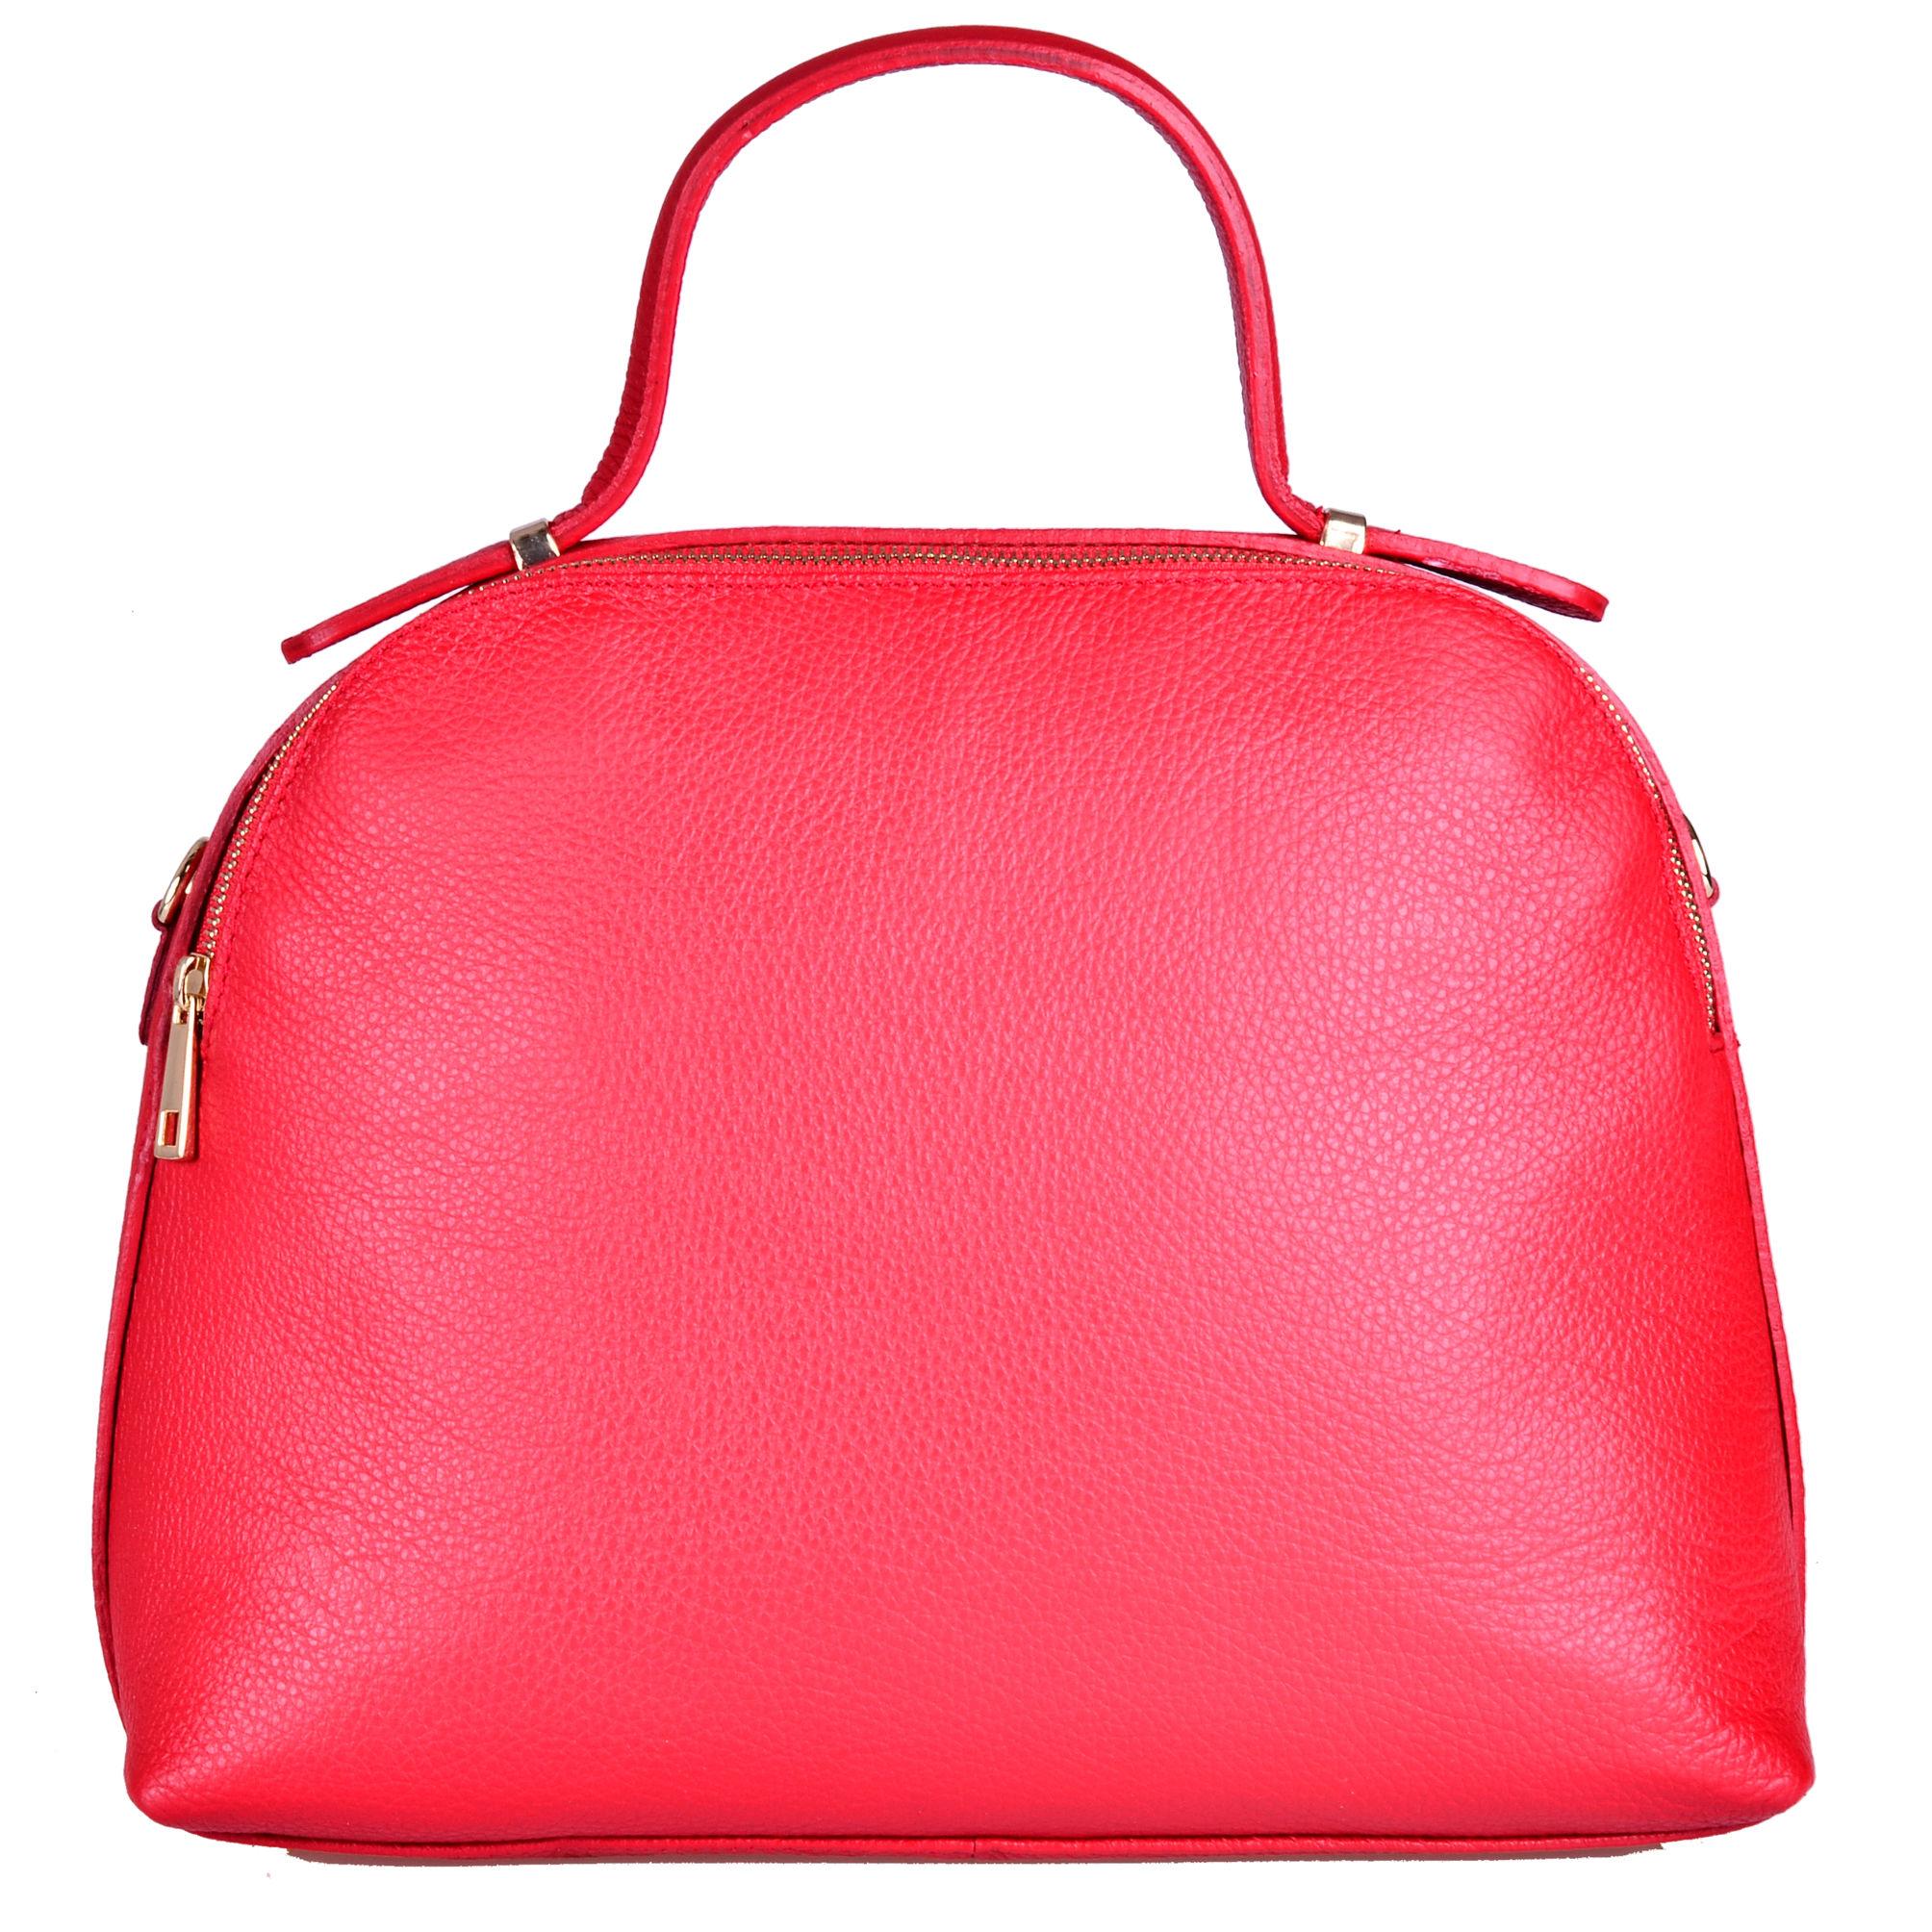 54eb892398e29 Elegancki czerwony kuferek skórzany włoski - 6947287540 - oficjalne ...